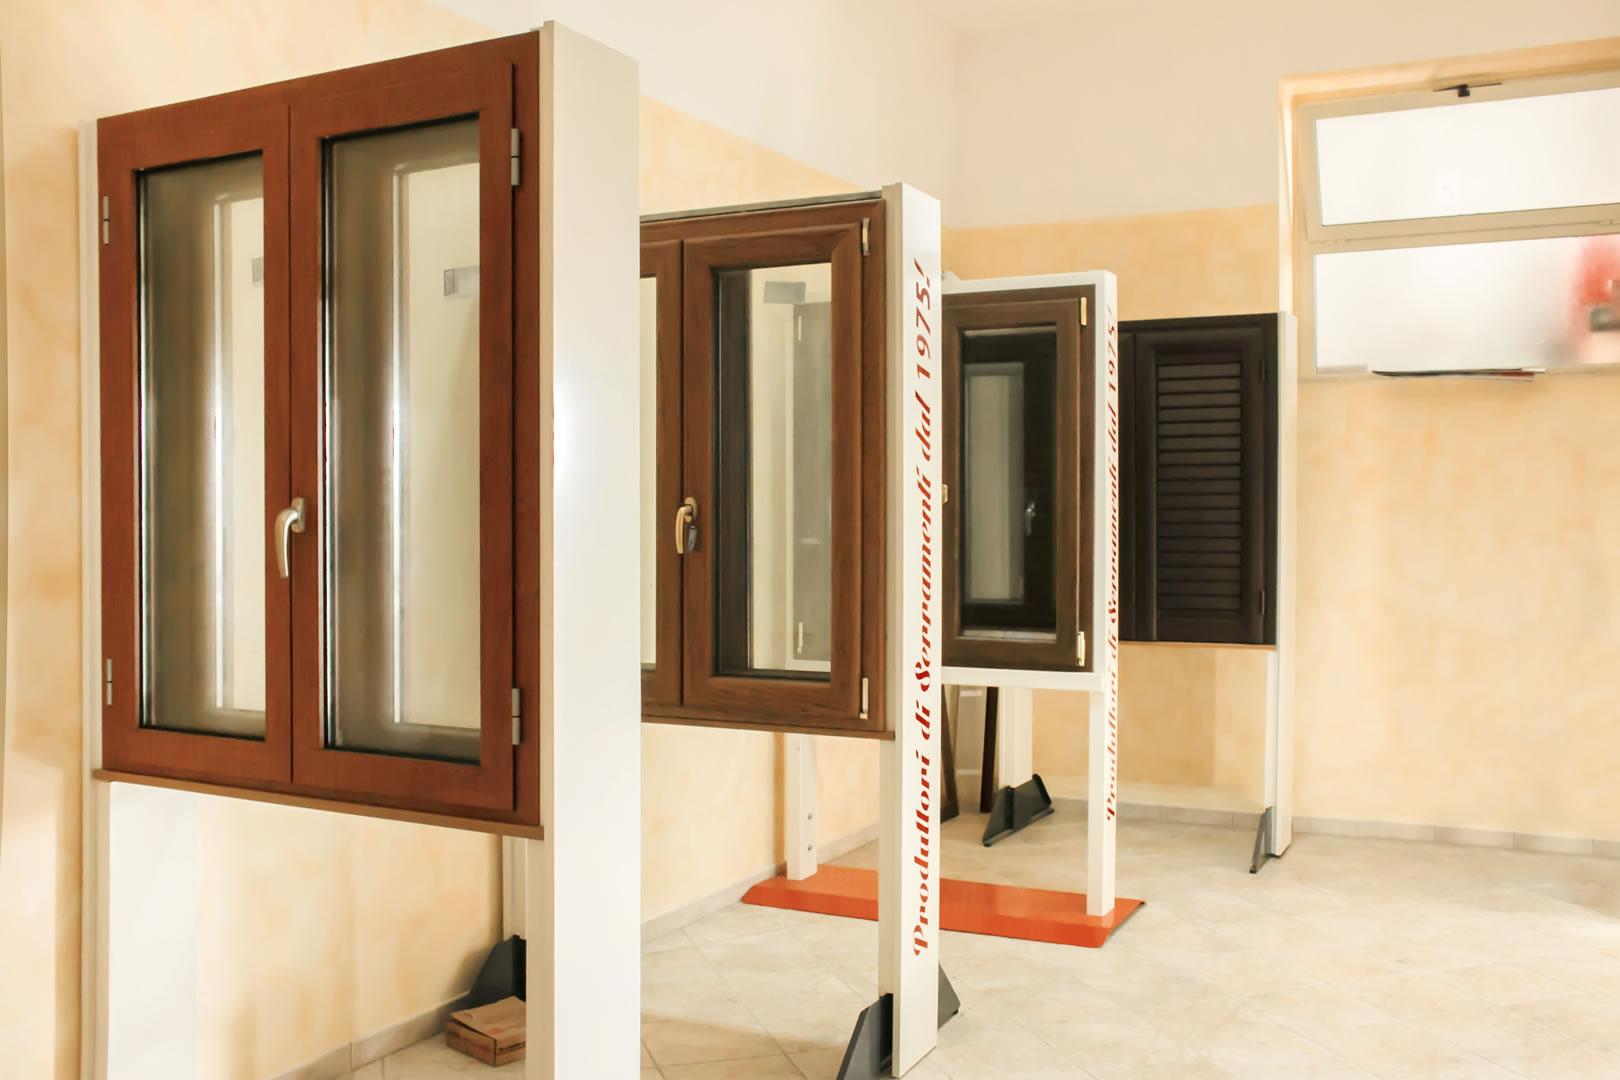 Finestre metalcentro - Ristrutturare porte e finestre ...